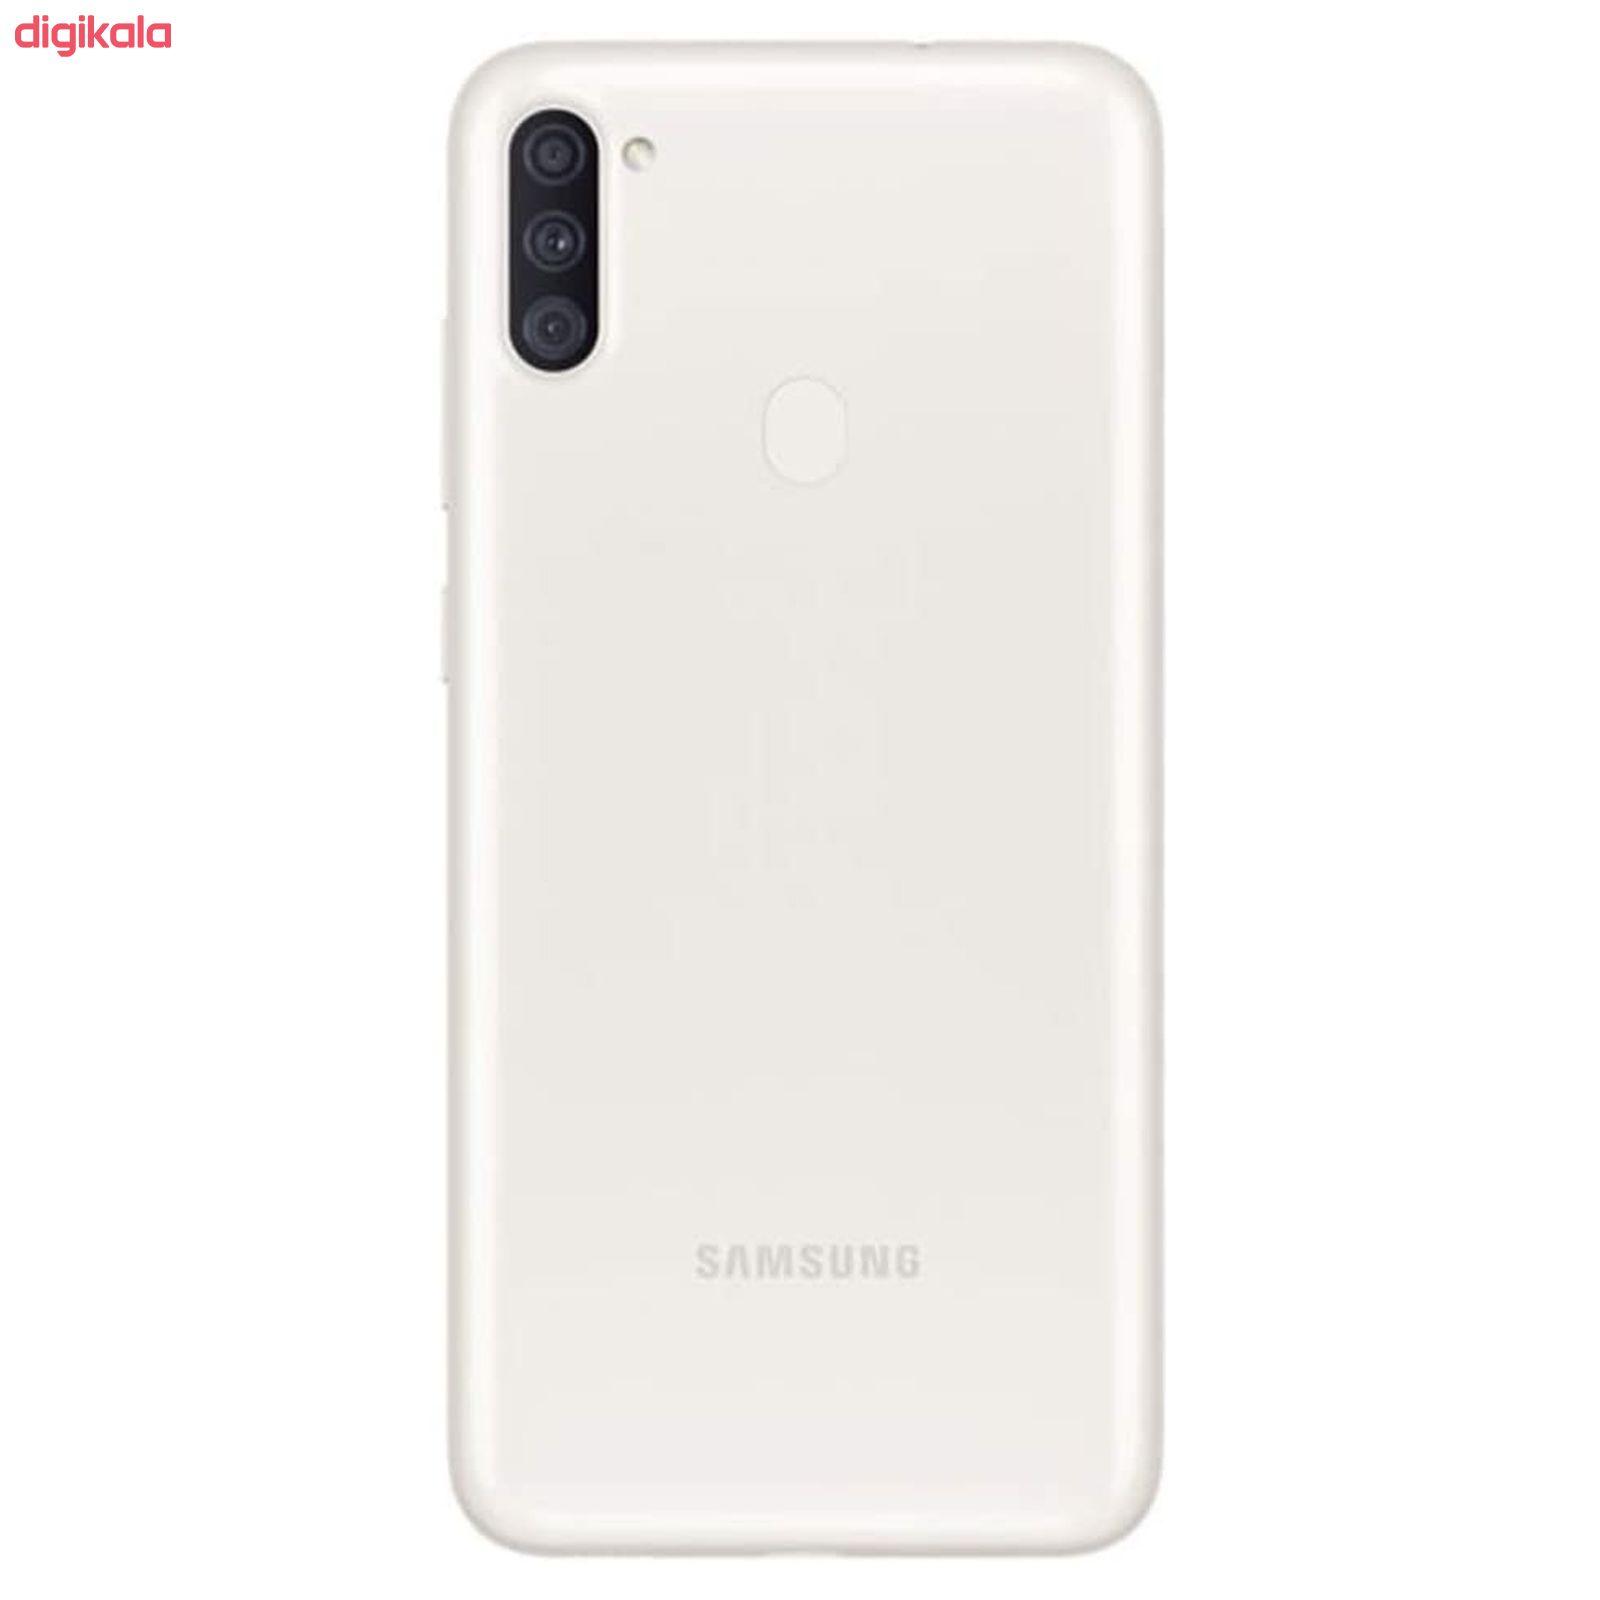 گوشی موبایل سامسونگ مدل Galaxy A11 SM-A115F/DS دو سیم کارت ظرفیت 32 گیگابایت با 2 گیگابایت رم main 1 5